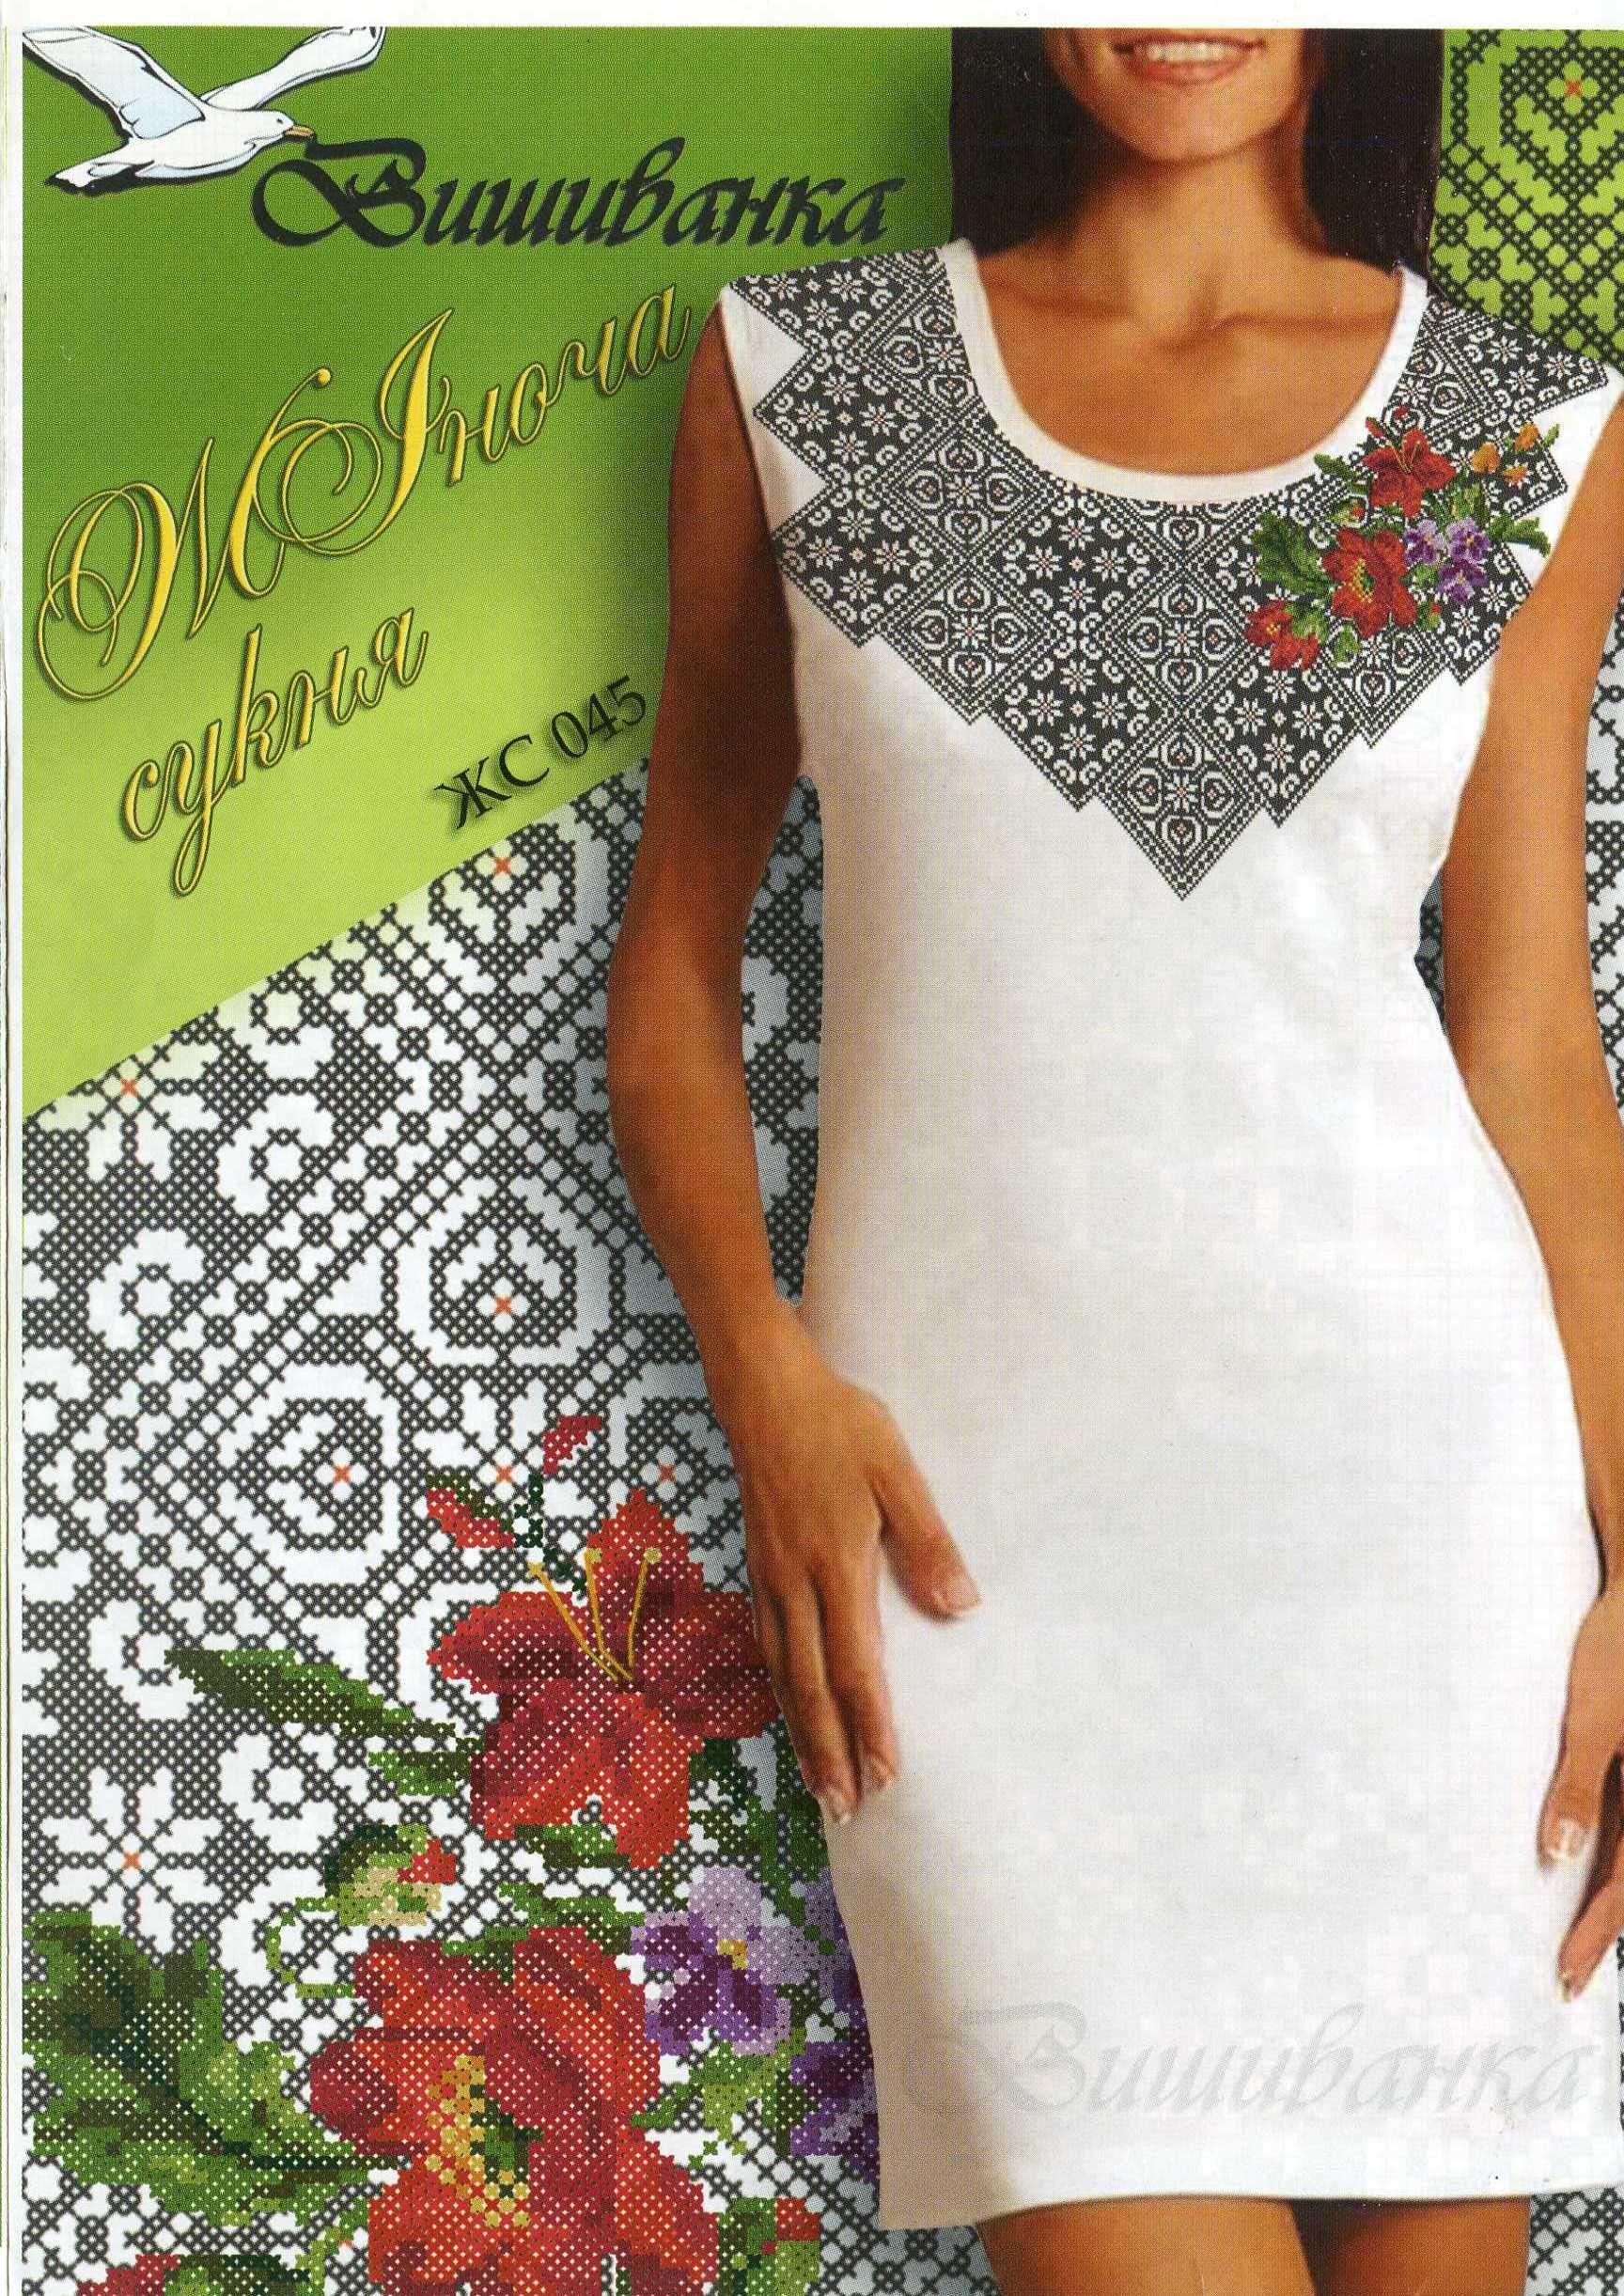 677a59532dfc09 Схема для вишивання жіночої сукні ЖС 045(Комплект) - Товари - Тканина льон  для